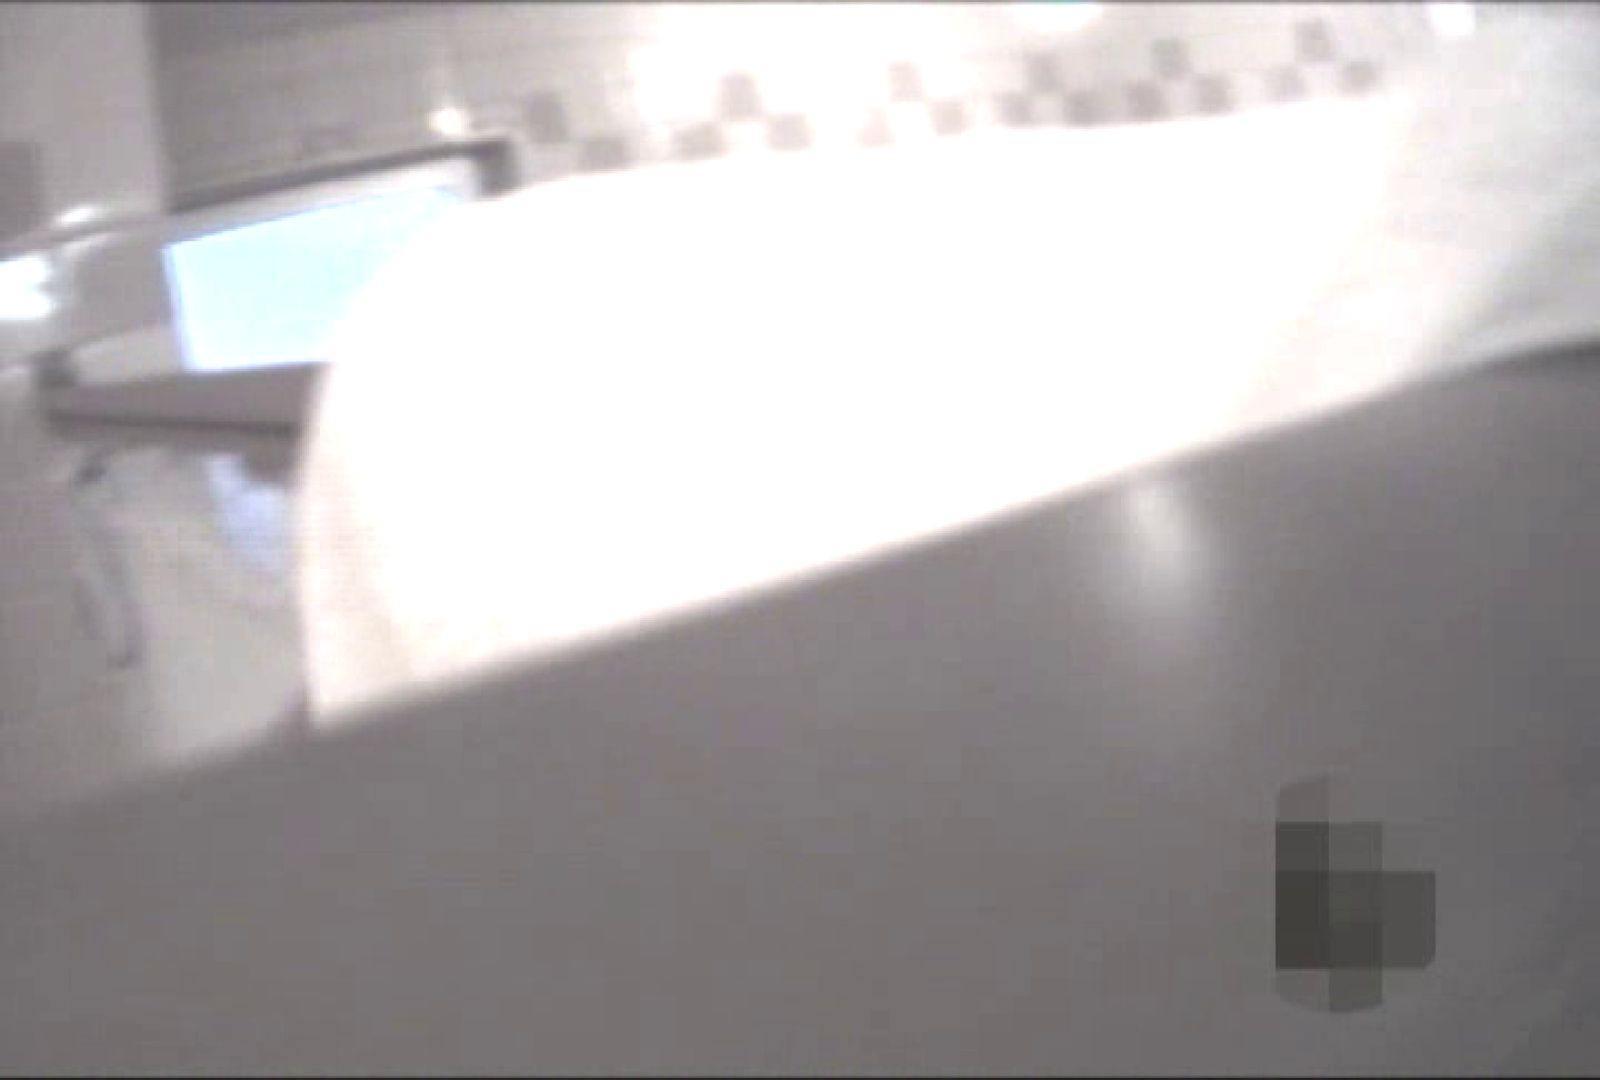 体育会系オナニー部Vol.6 OLエロ画像  102PICs 4